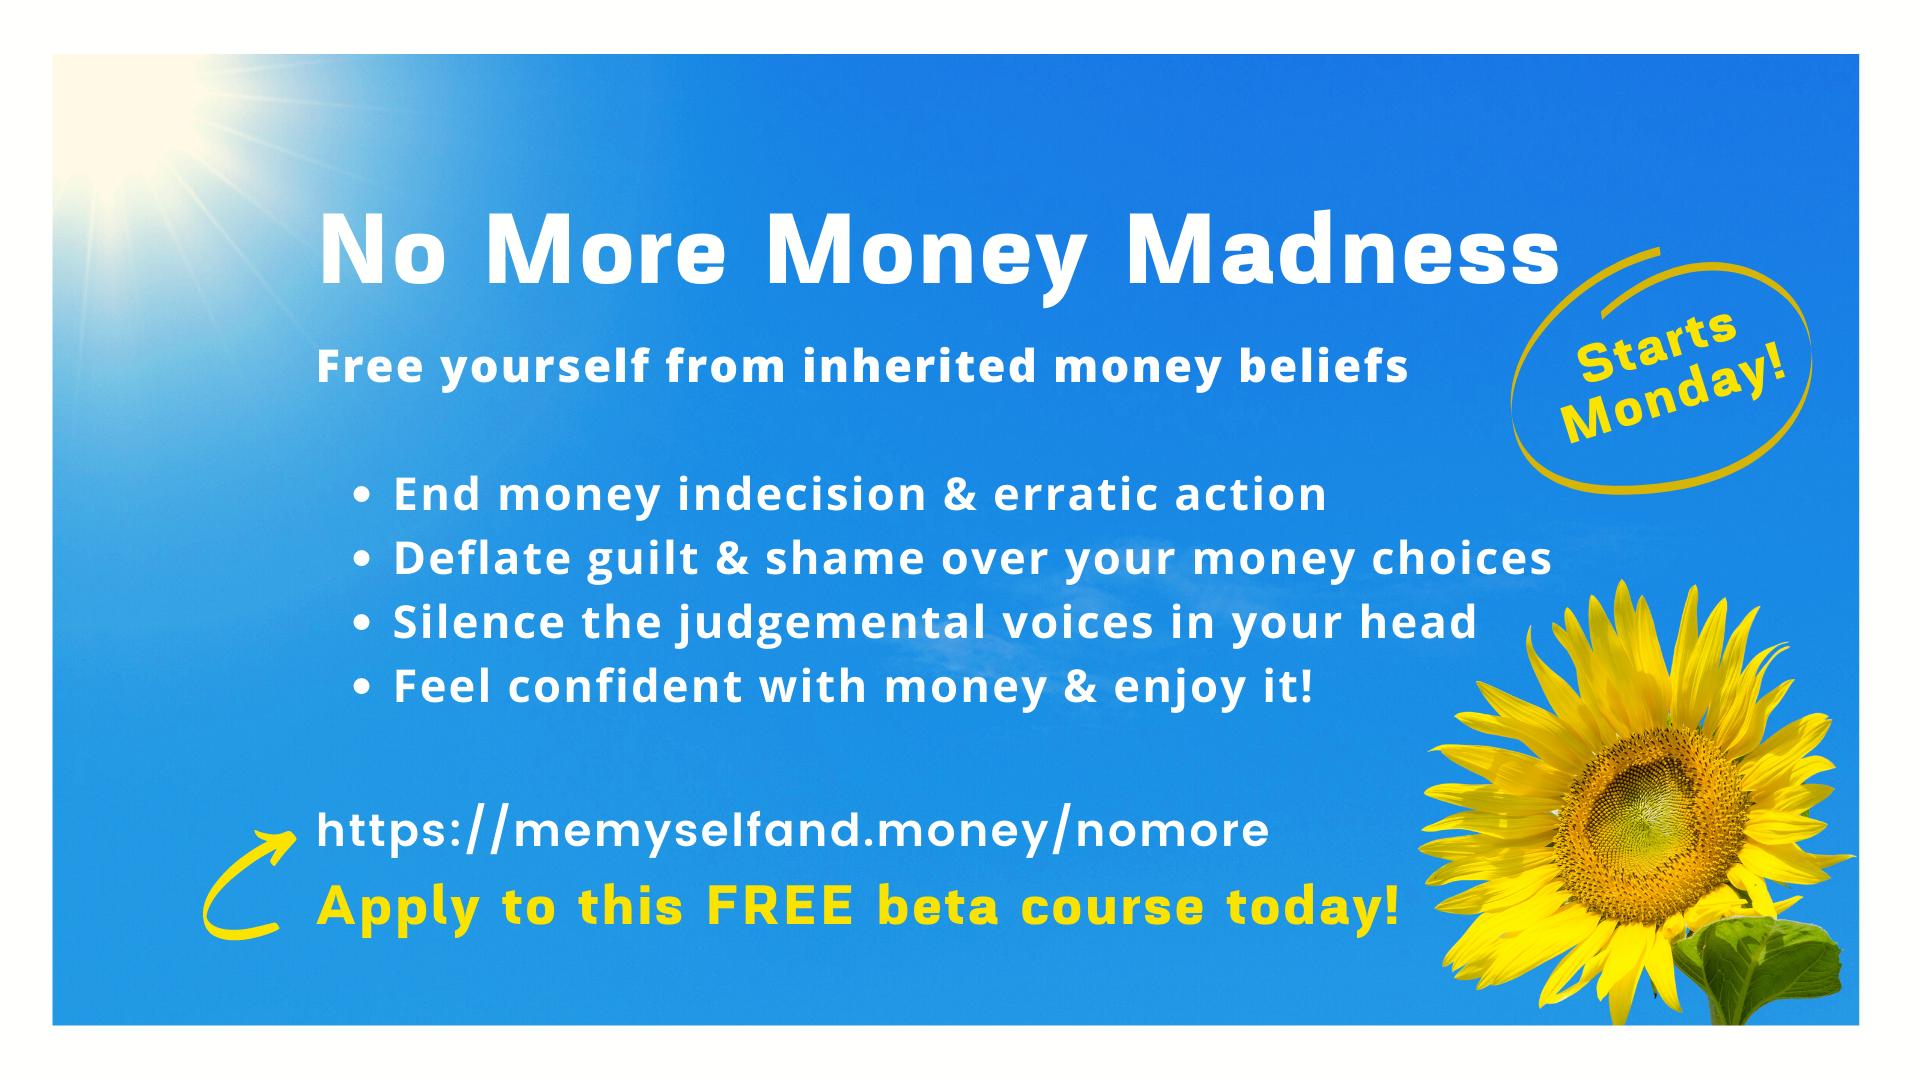 No More Money Madness course